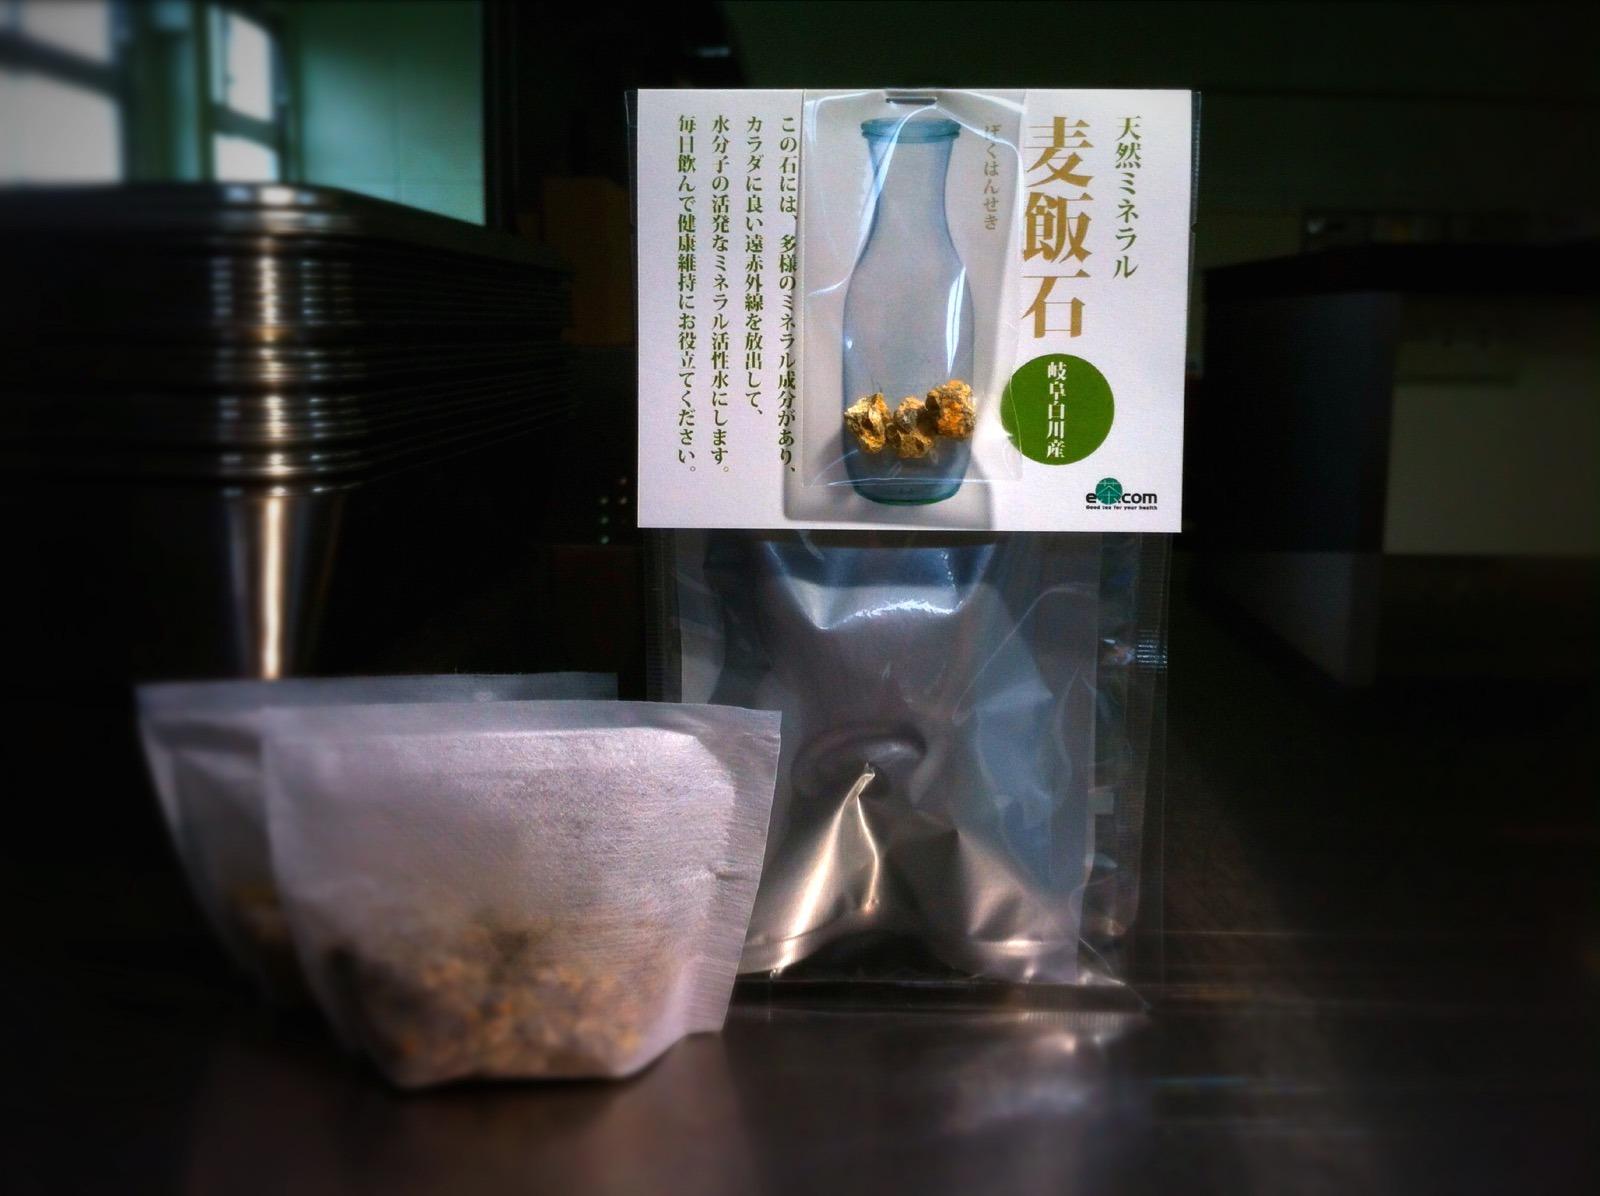 天然ミネラル麦飯石2袋セット(シリカ含有)